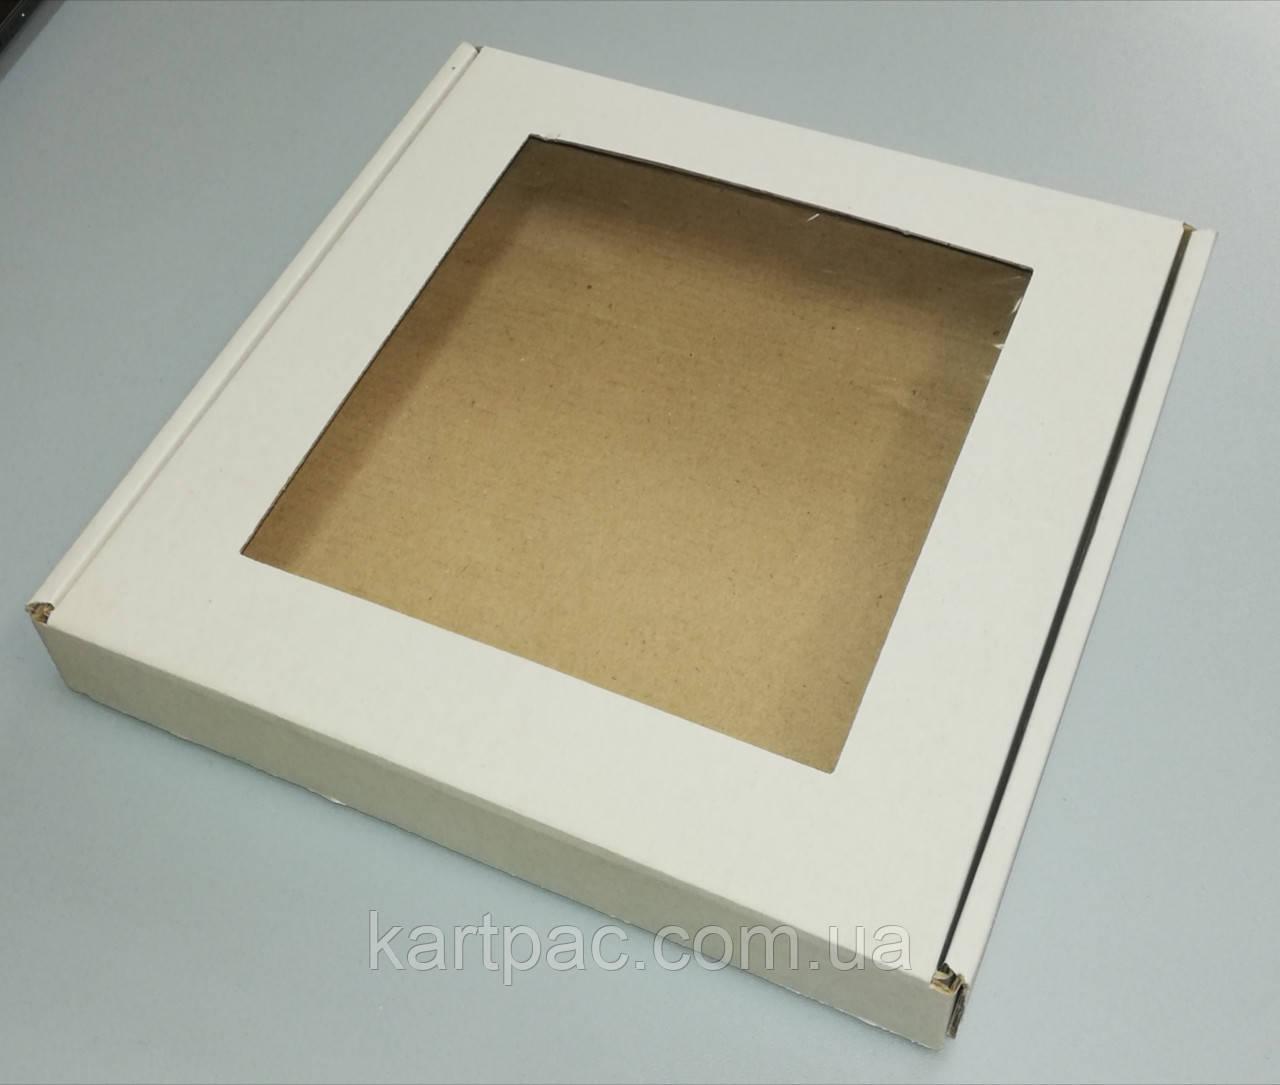 Коробка для пряників з плівочкою 200*200*30